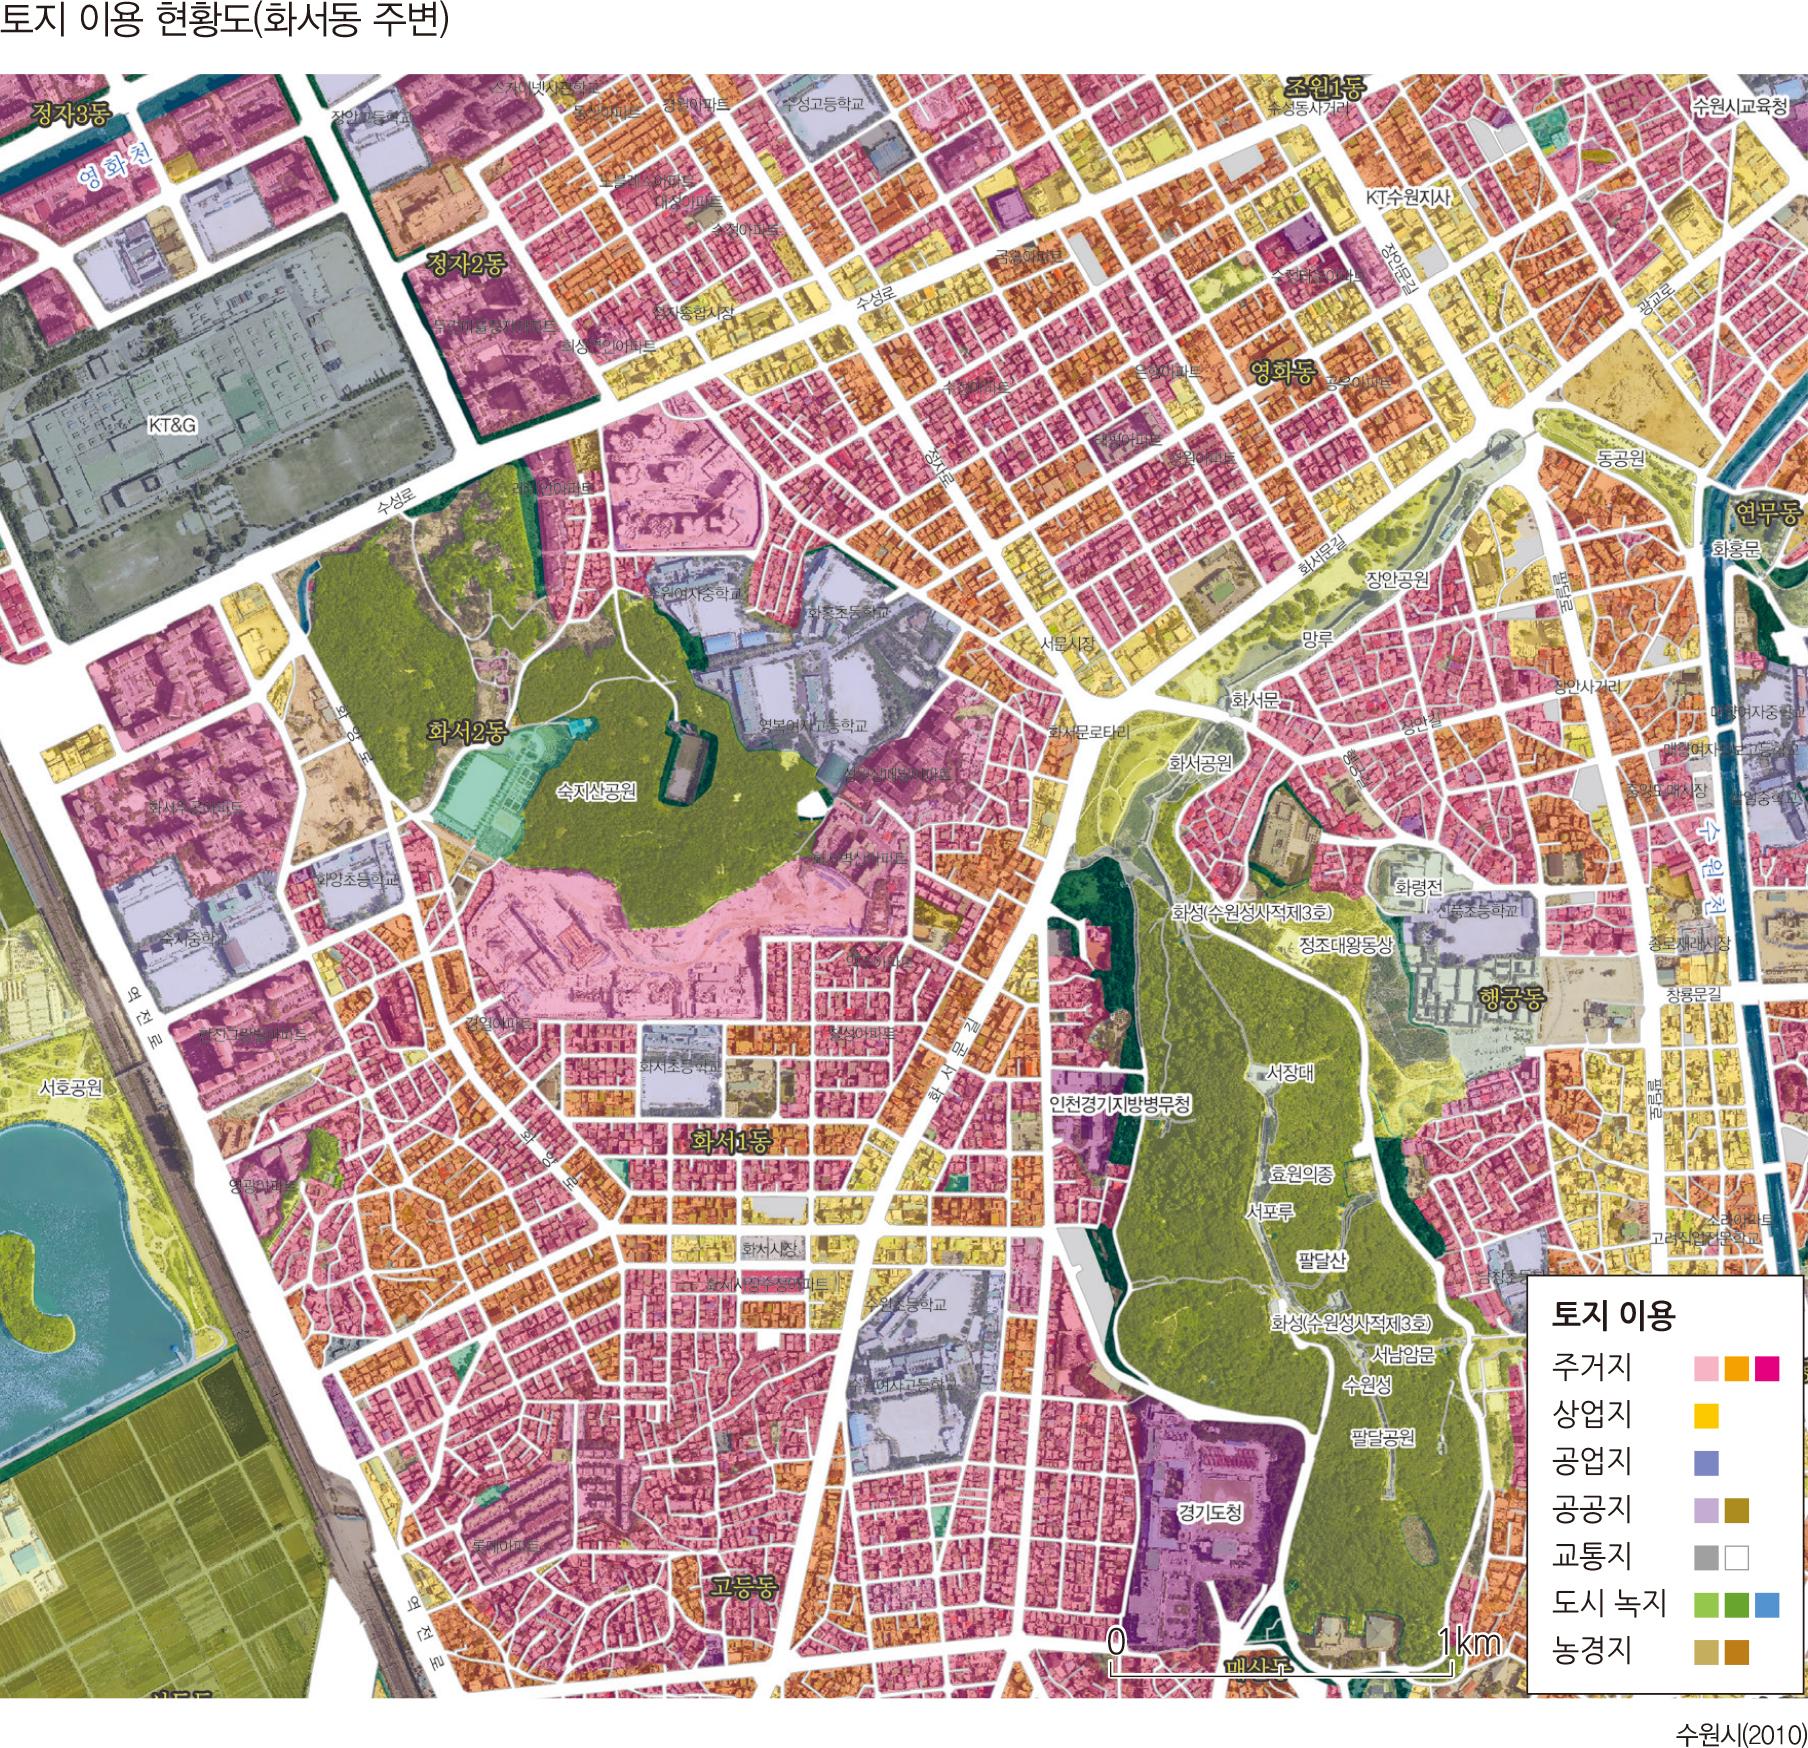 수원시 도시 생태 현황 지도(2010년) 토지 이용 현황도(화서동 주변)